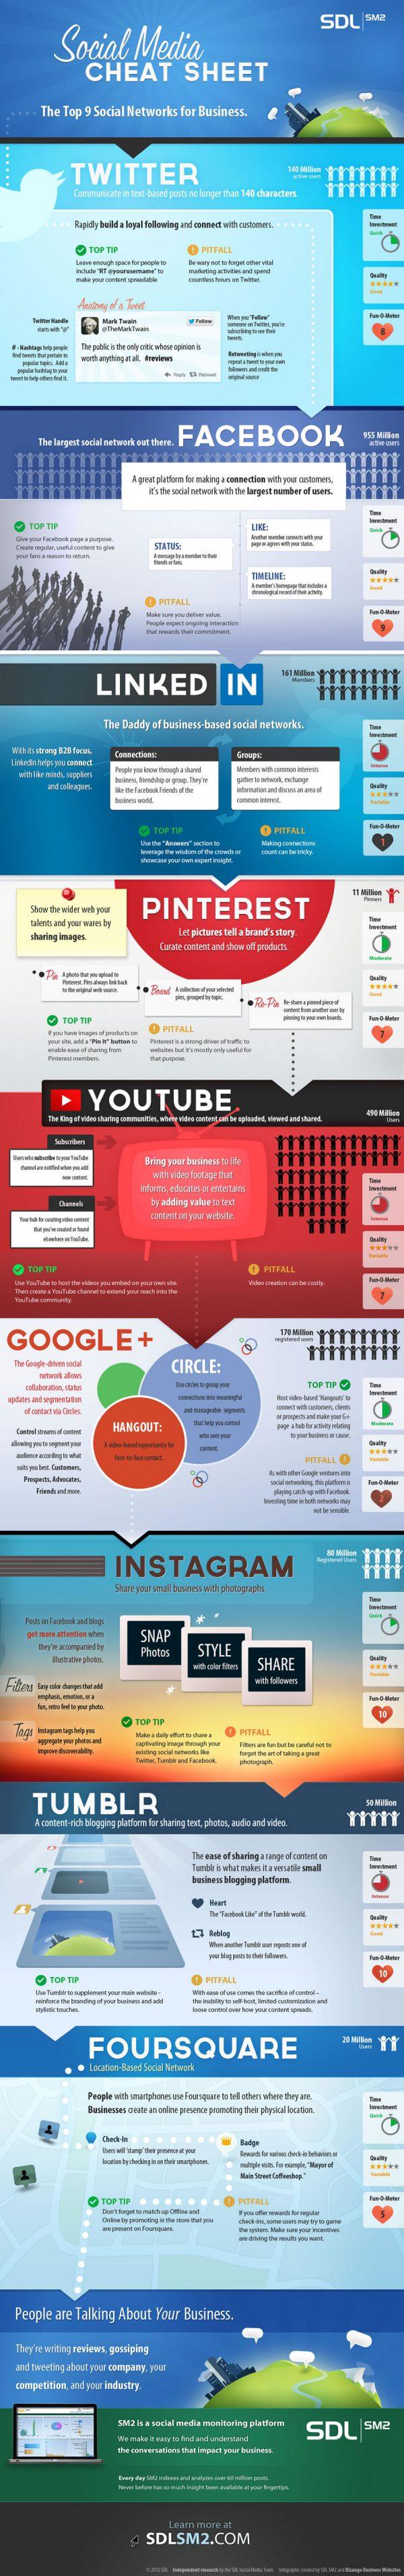 Infographie : Tous savoir sur les réseaux sociaux   Social Media Cheat Sheet